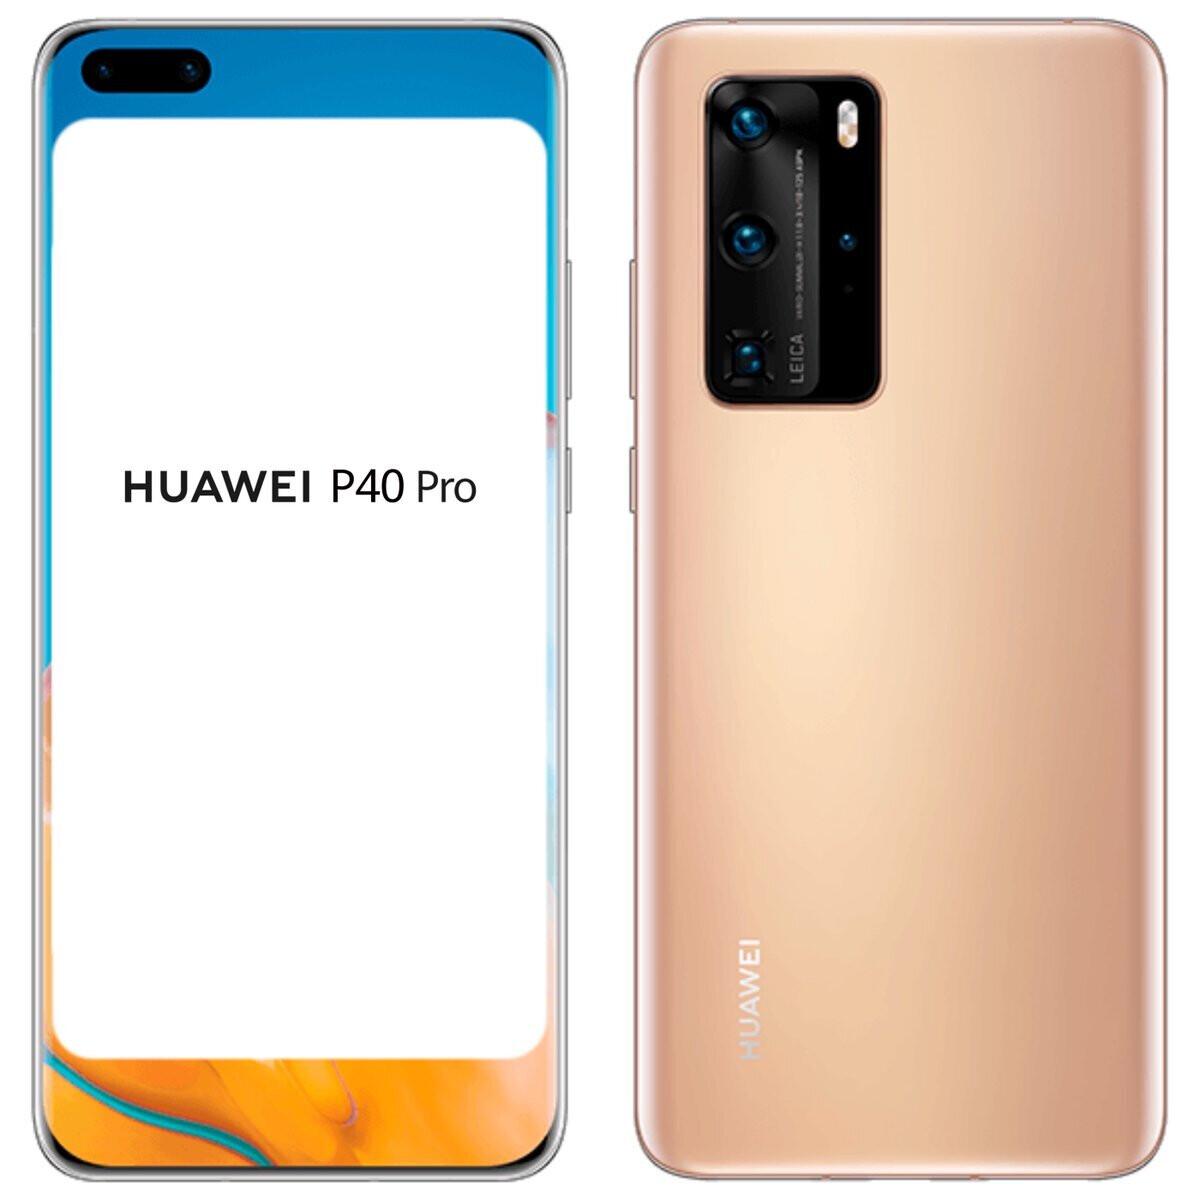 Huawei-P40-Pro-1.jpg